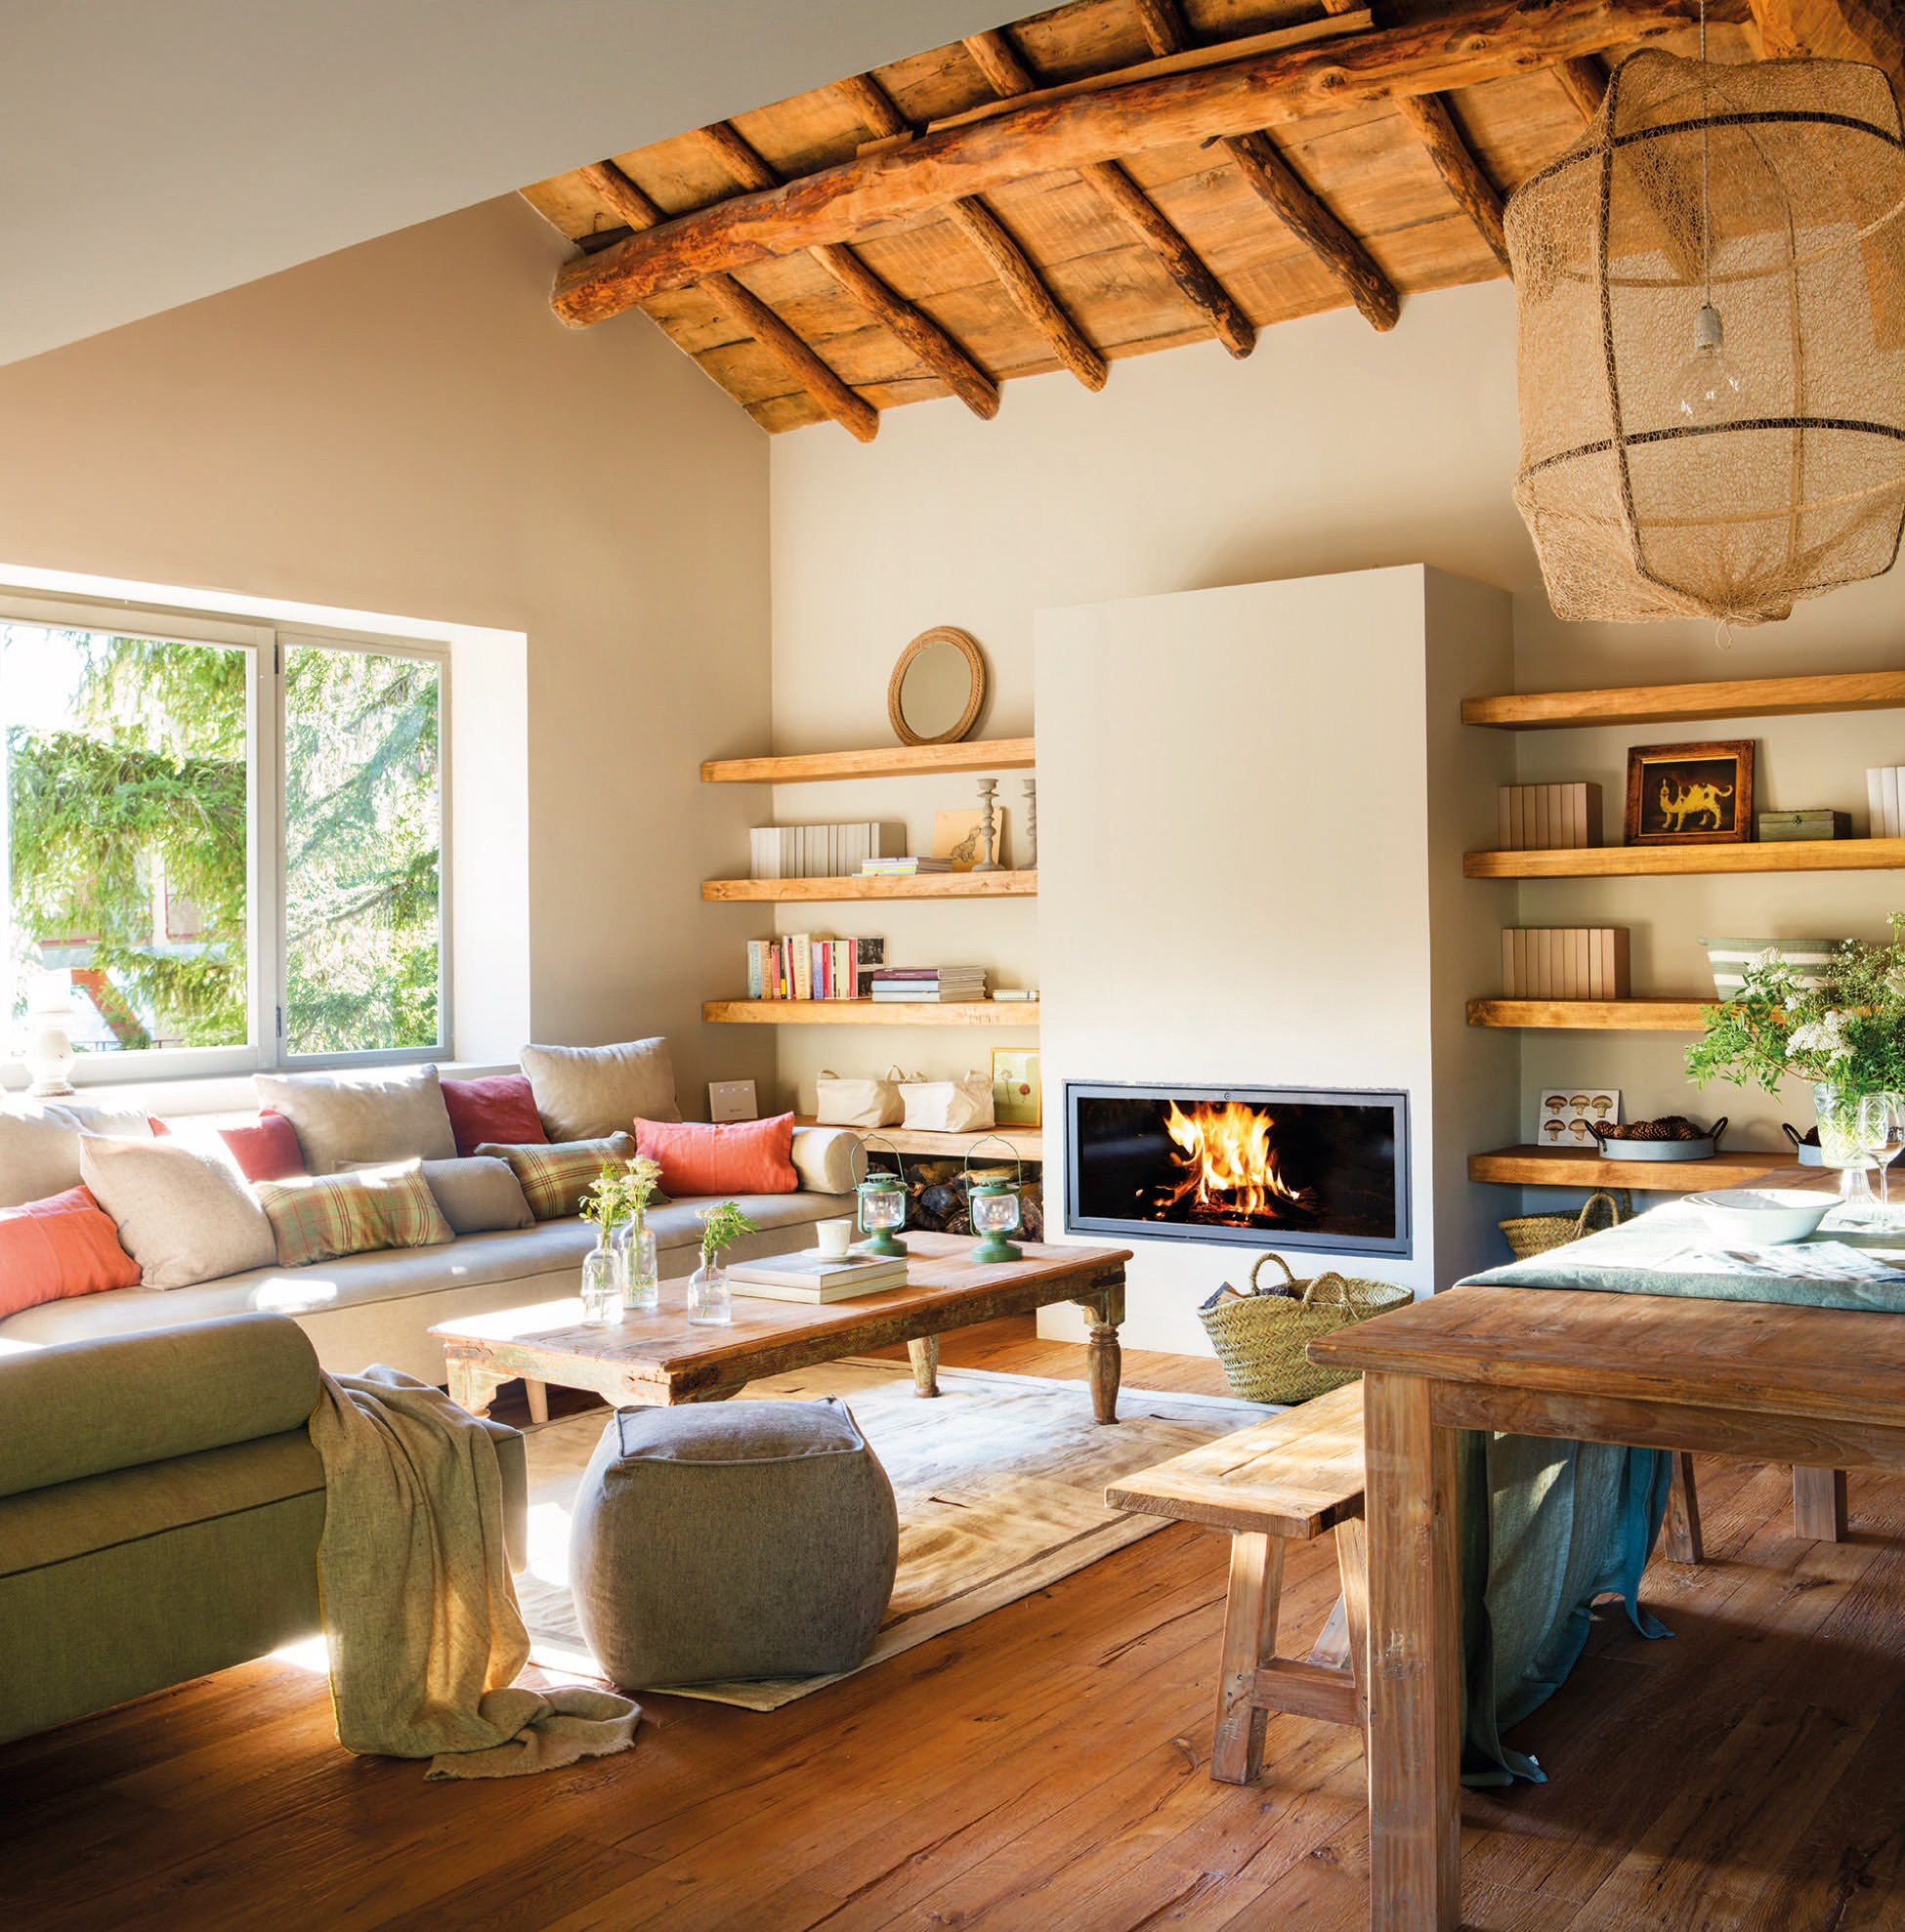 Salones muebles para la decoraci n del sal n comedor el mueble - Centro de mesa para salon ...